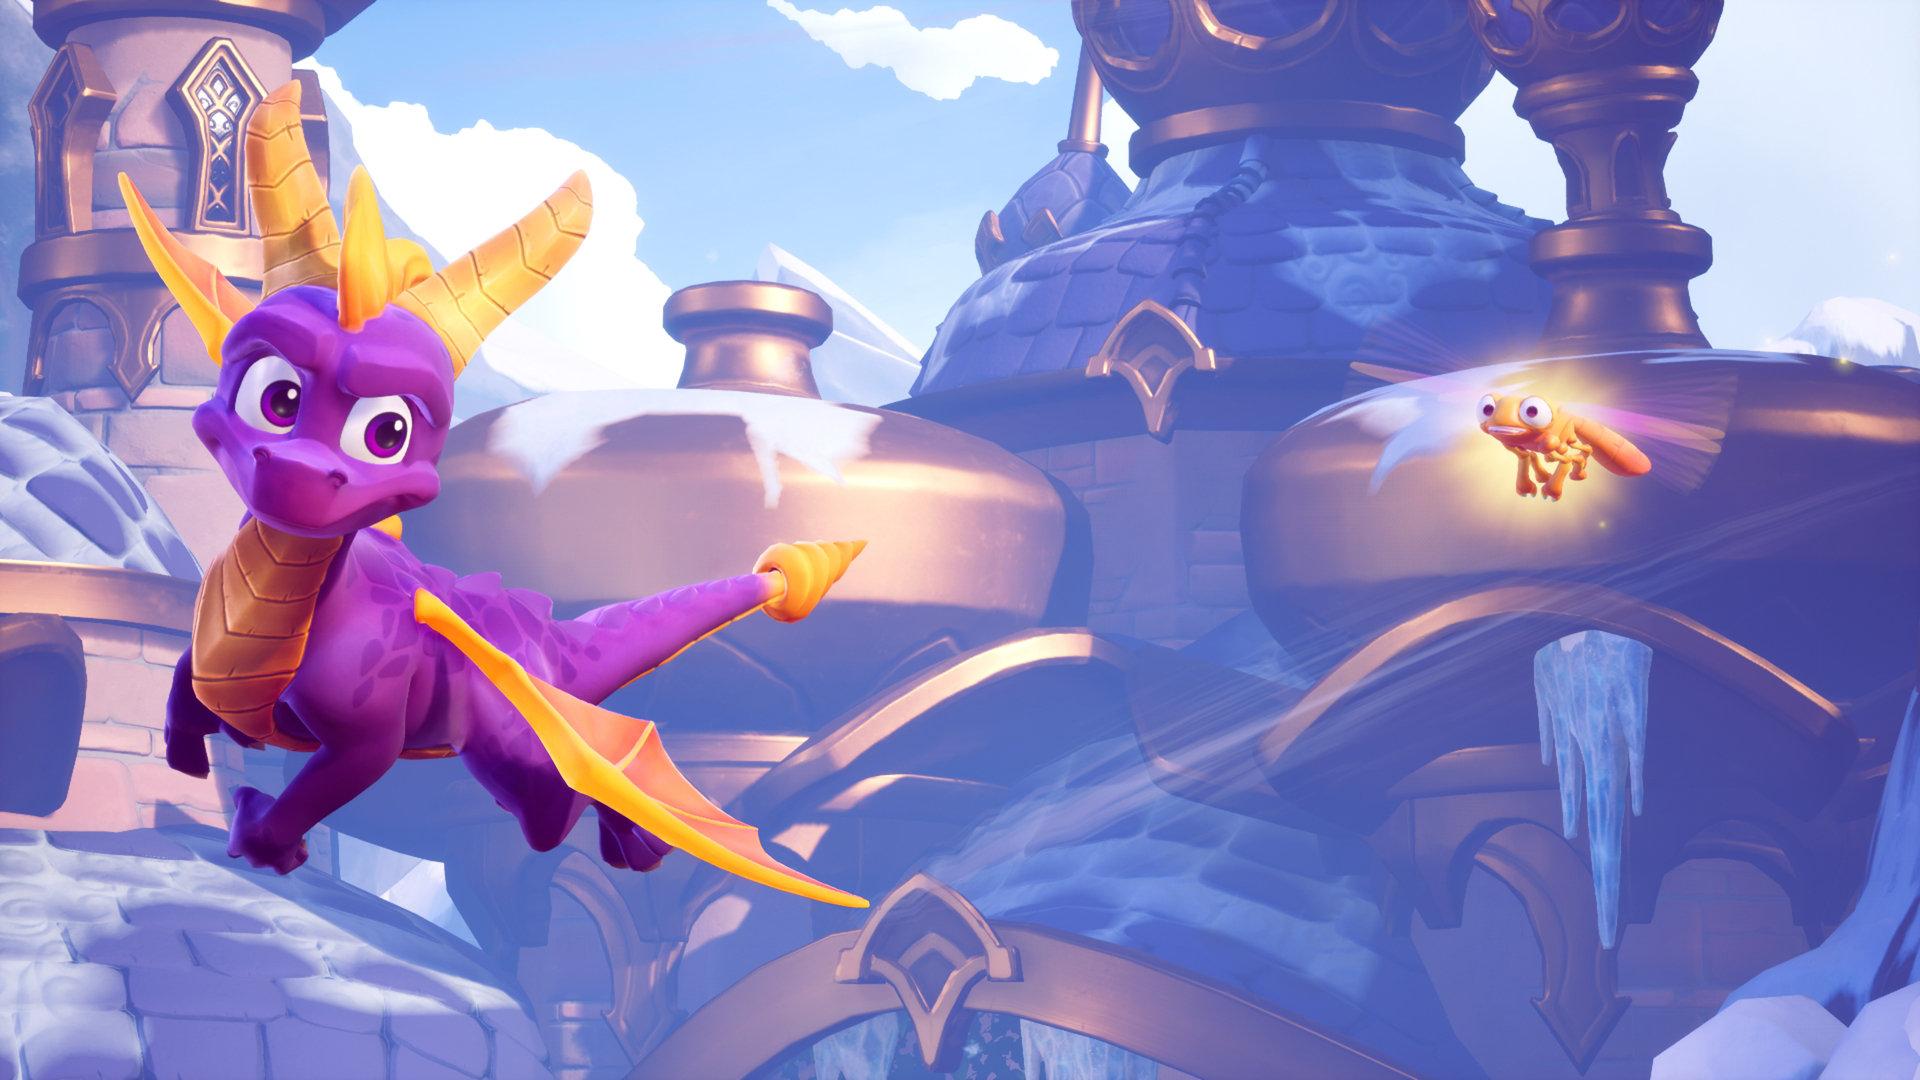 Fialový dráček Spyro vrací nostalgický úder